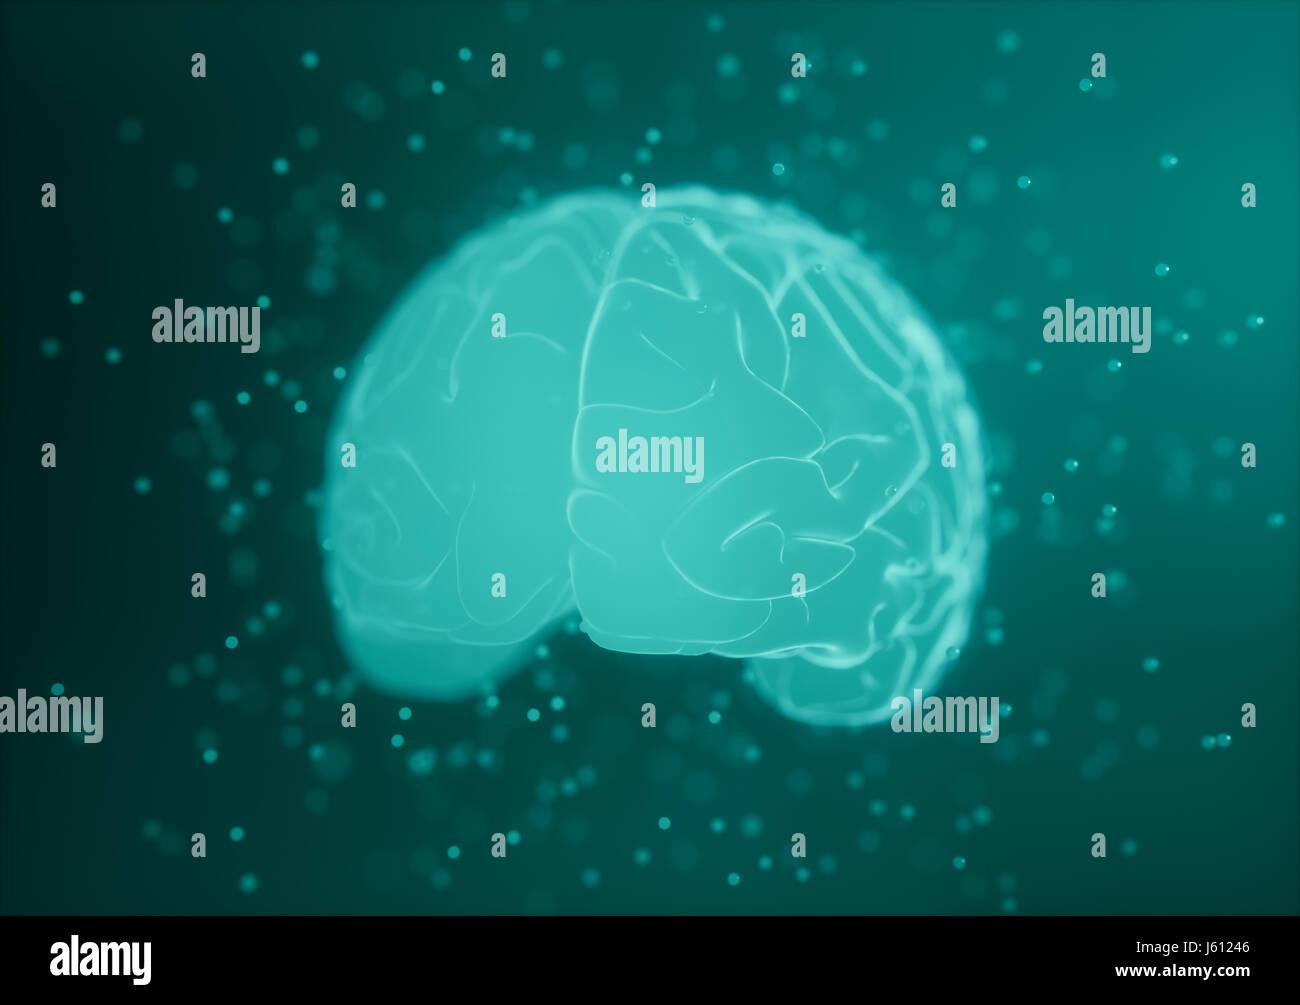 Ilustración 3D. Imagen estilizada de un cerebro dentro de un líquido con burbujas de aire alrededor. Foto de stock